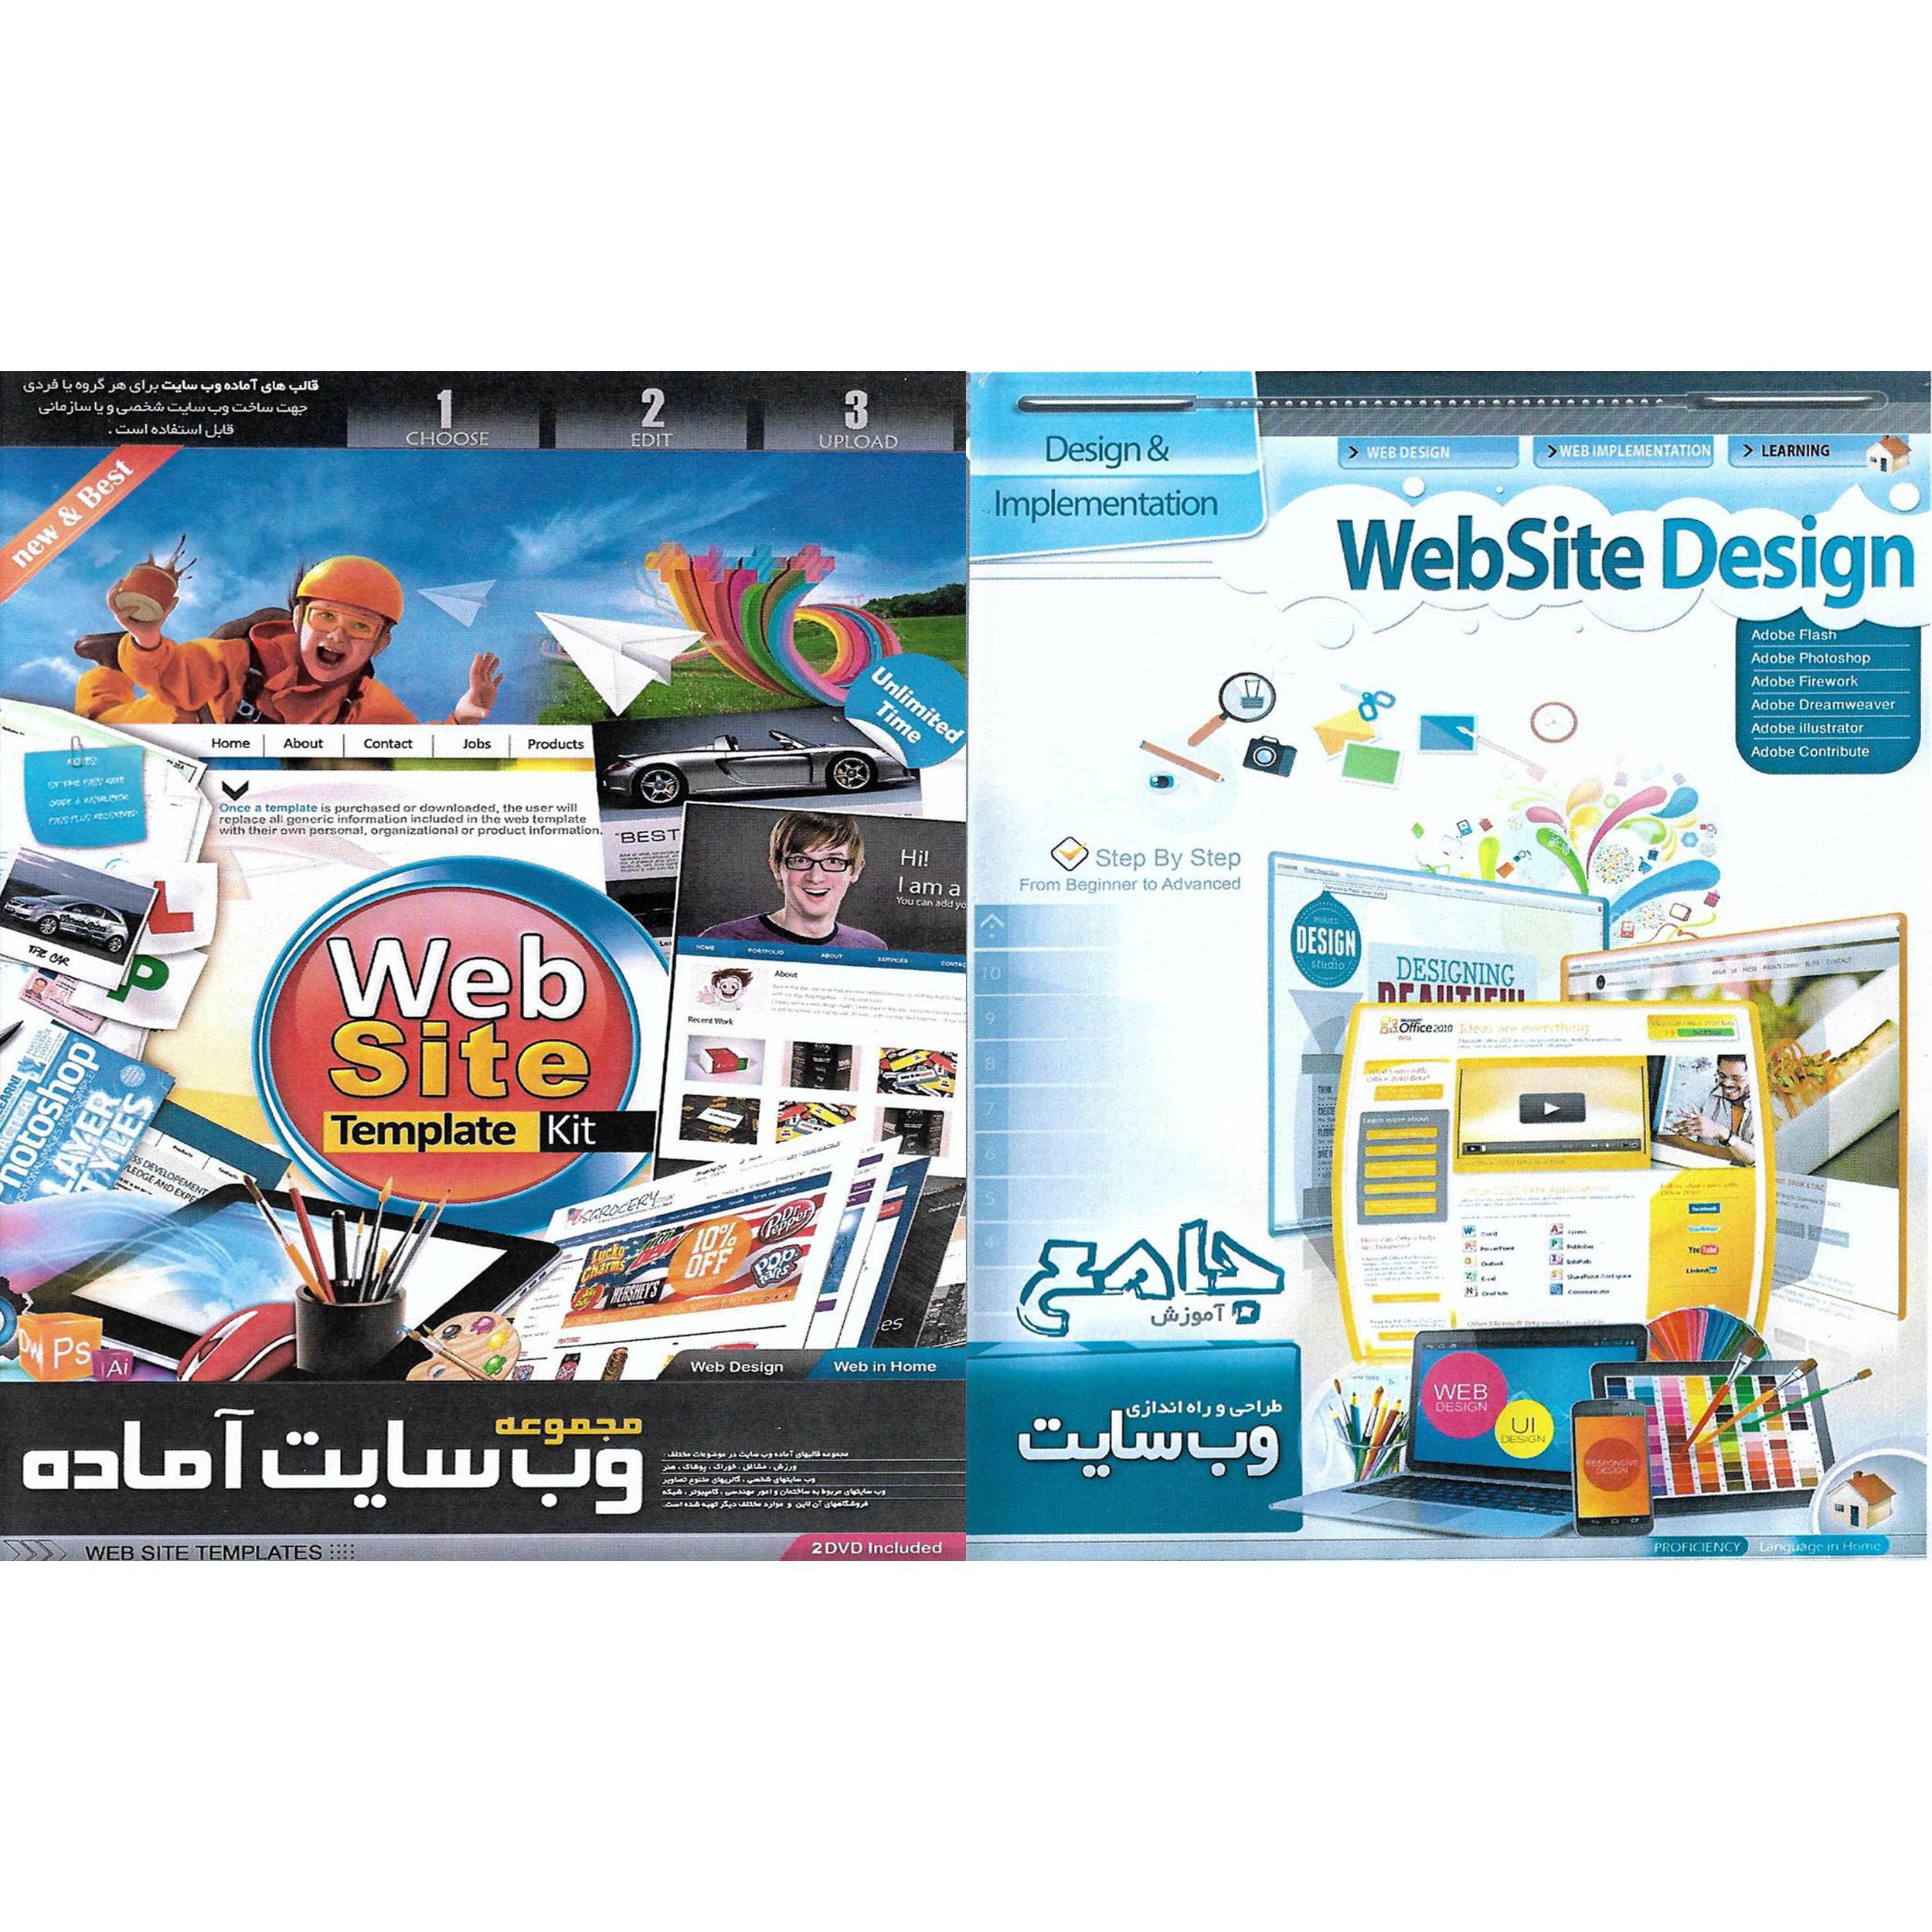 نرم افزار آموزش طراحی و راه اندازی وب سایت نشر پانا به همراه مجموعه وب سایت آماده نشر الکترونیک پانا